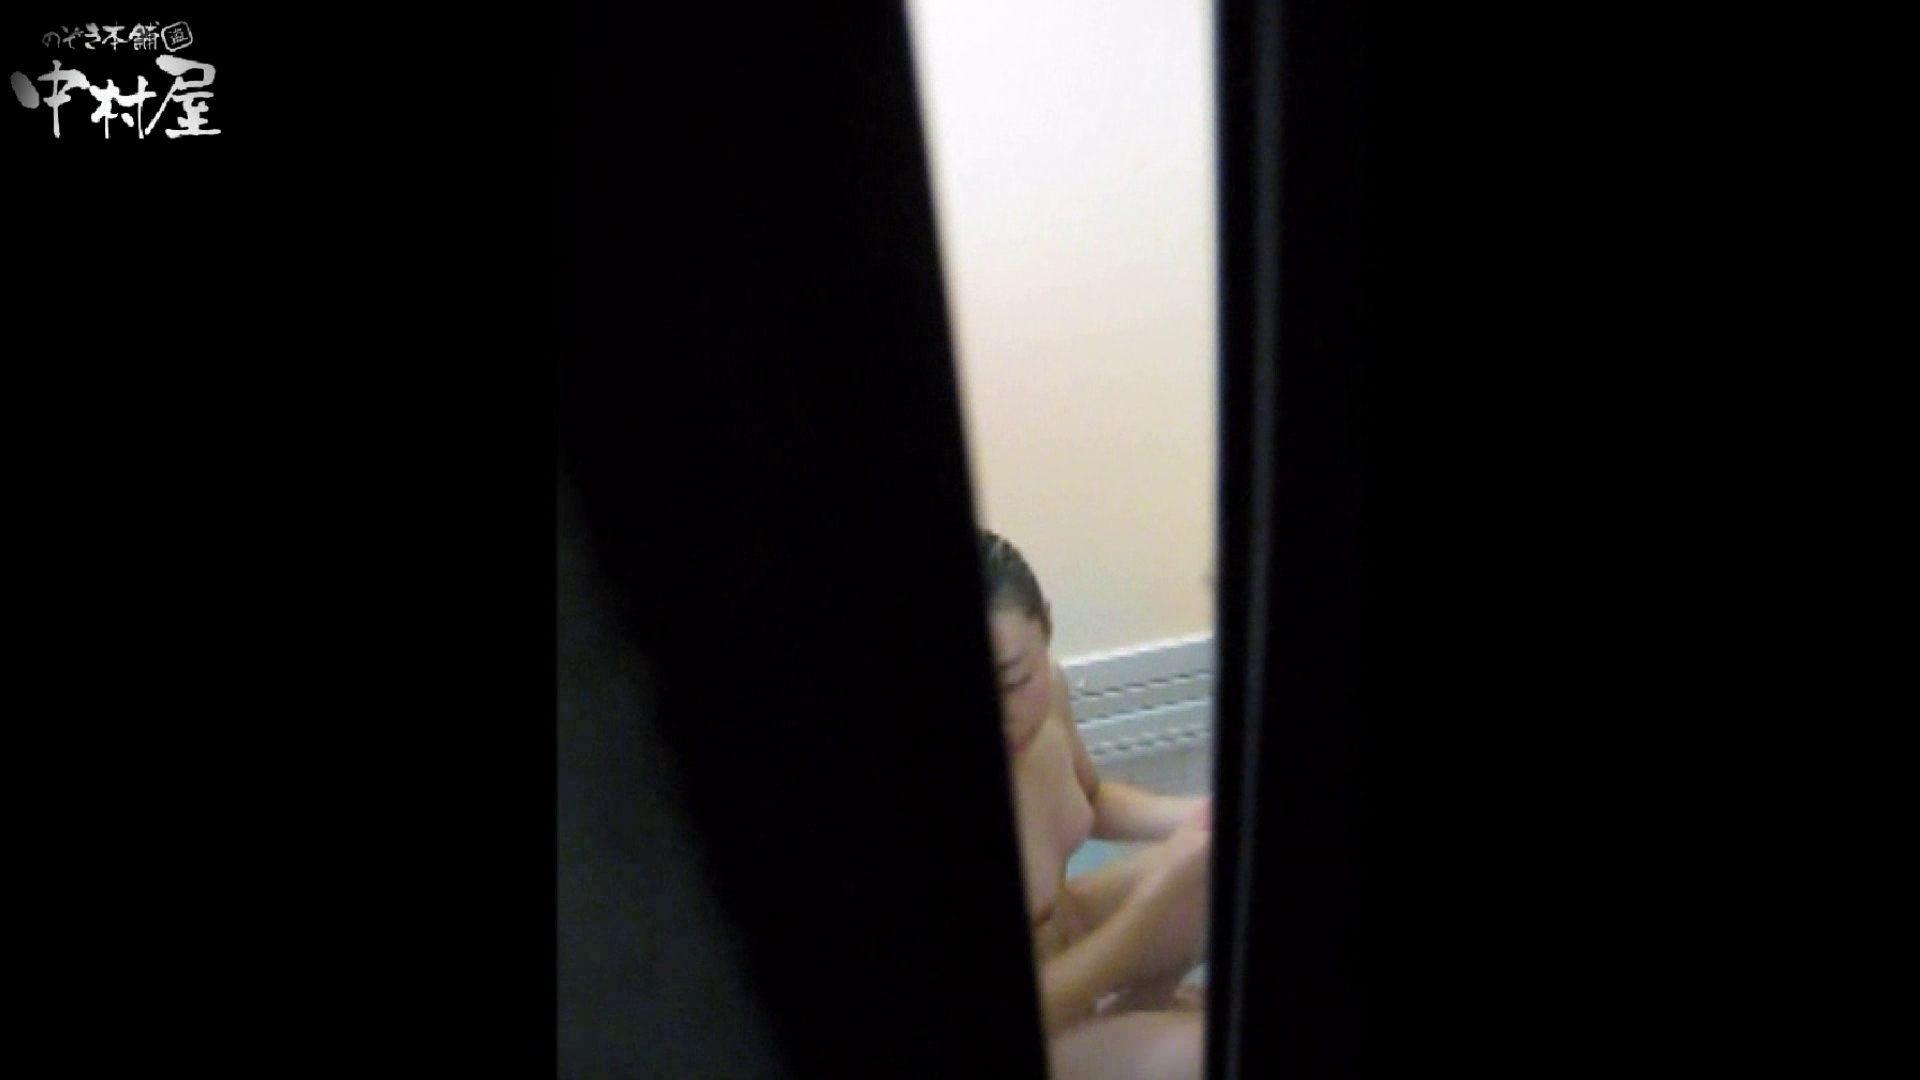 民家風呂専門盗撮師の超危険映像 vol.006 美女まとめ ワレメ動画紹介 88PIX 17